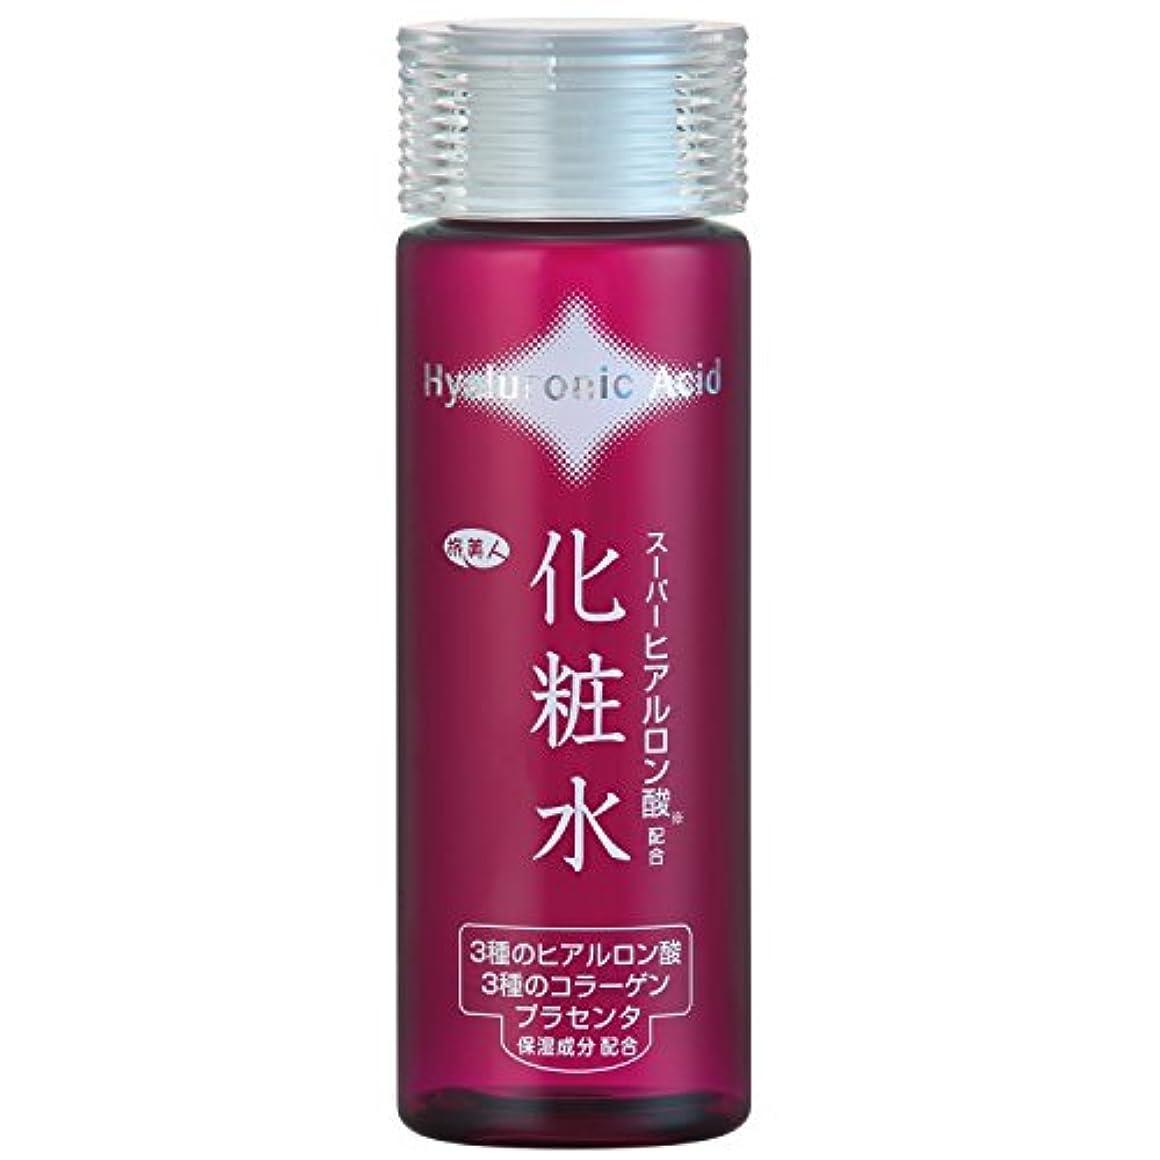 セージスイッチアズマ商事のスーパーヒアルロン酸配合化粧水